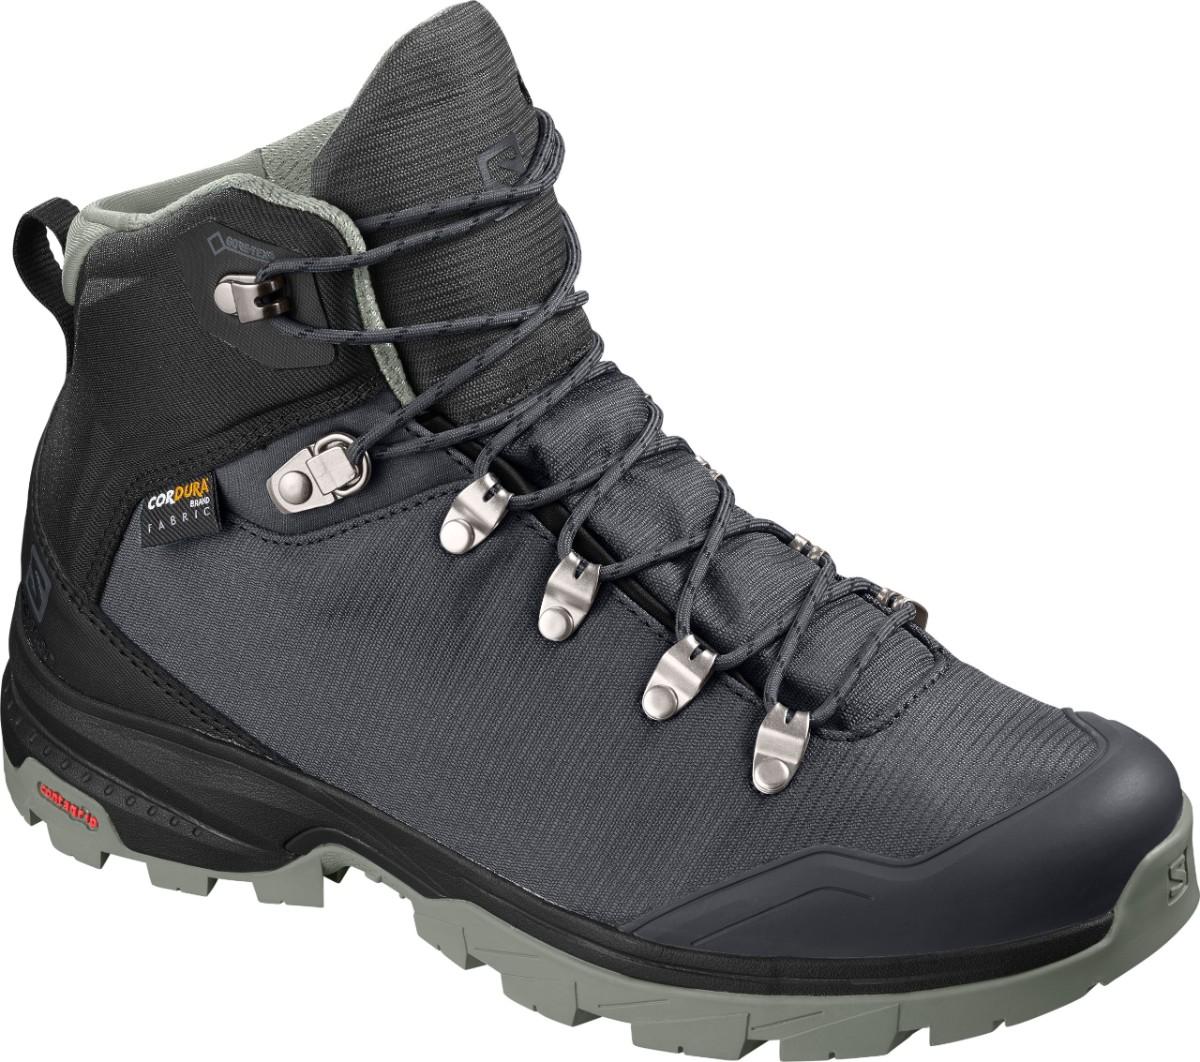 Salomon Outback 500 GTX W - Chaussures randonnée femme